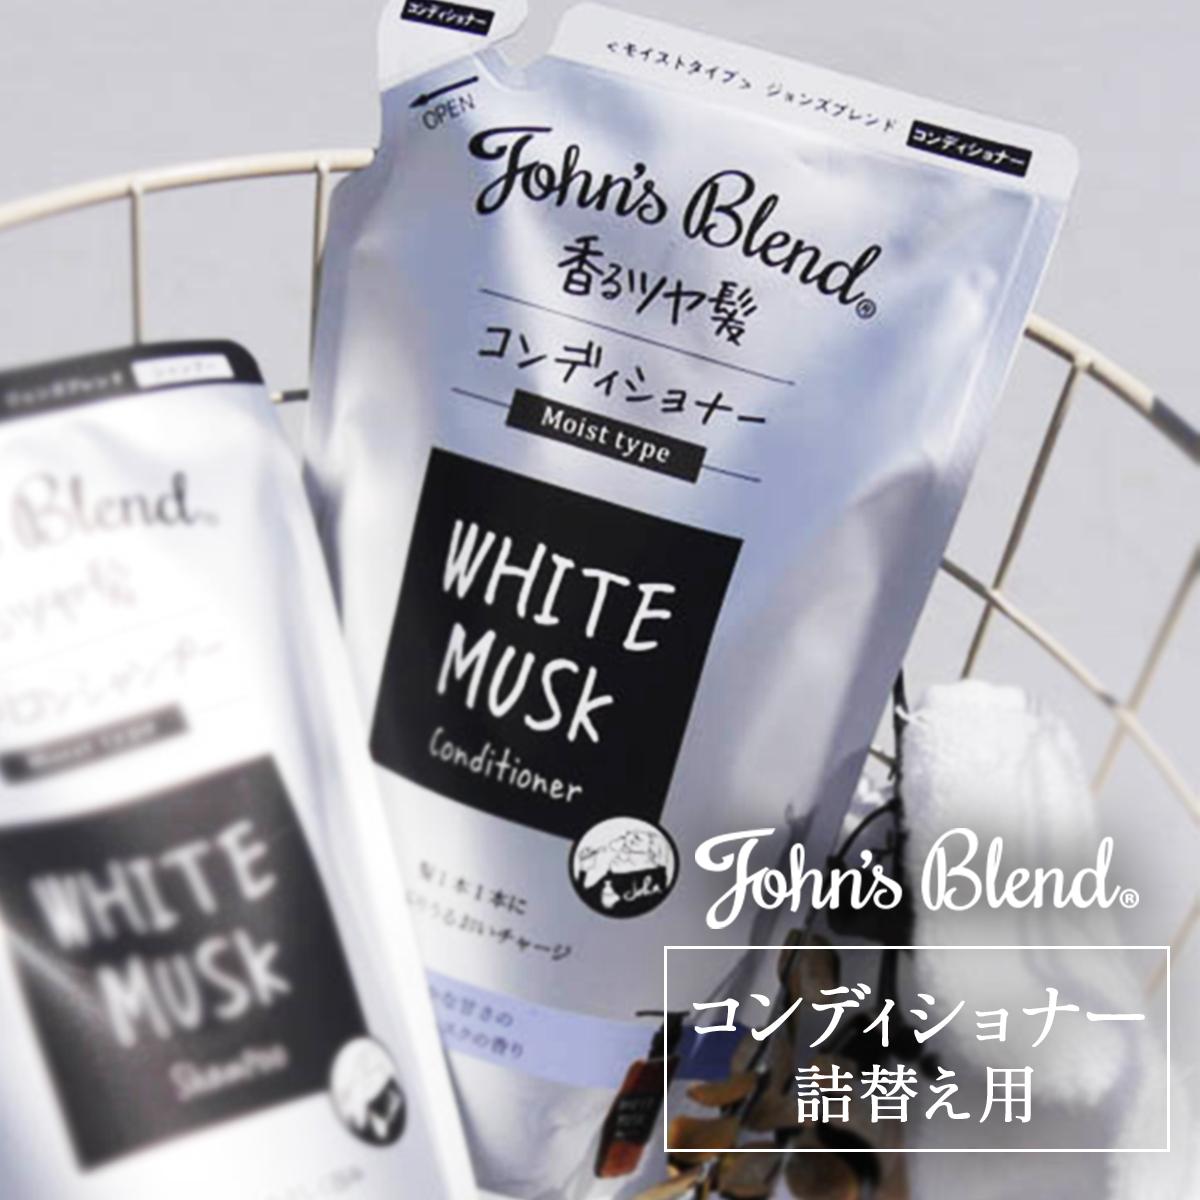 香りを楽しむHair 25%OFF Care 潤って 香るツヤ髪へ ジョンズブレンド コンディショナー 詰め替え 400ml モイストタイプ ホワイトムスク Blend John's 信託 OA-JON-42-1 ノンシリコン